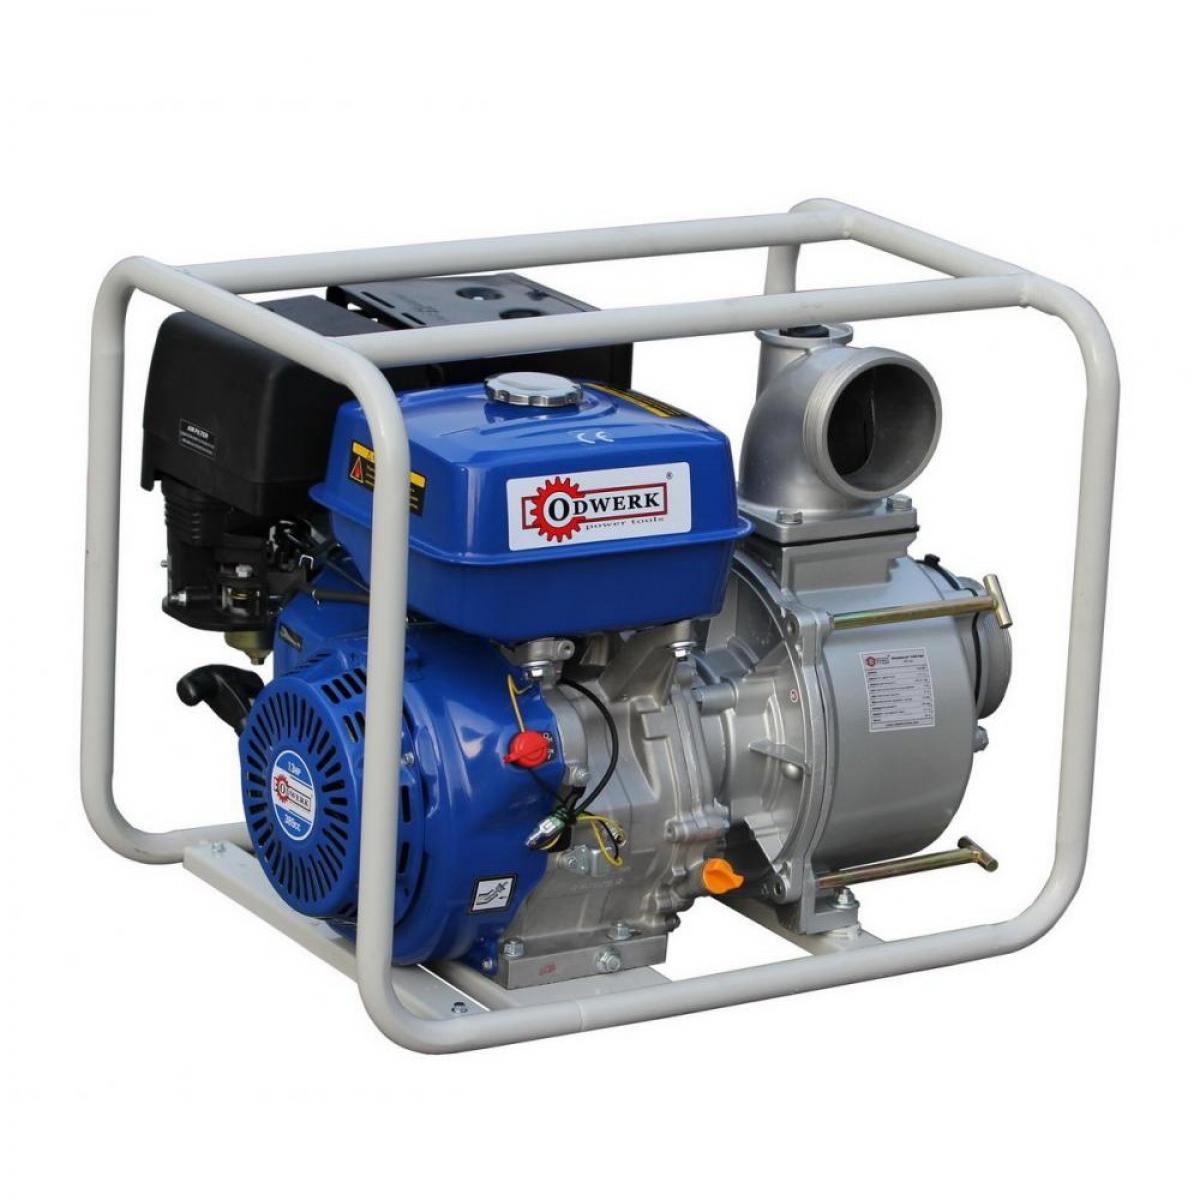 Купить Мотопомпы, Бензинова мотопомпа ODWERK GTP80 для грязной воды, 13662-1